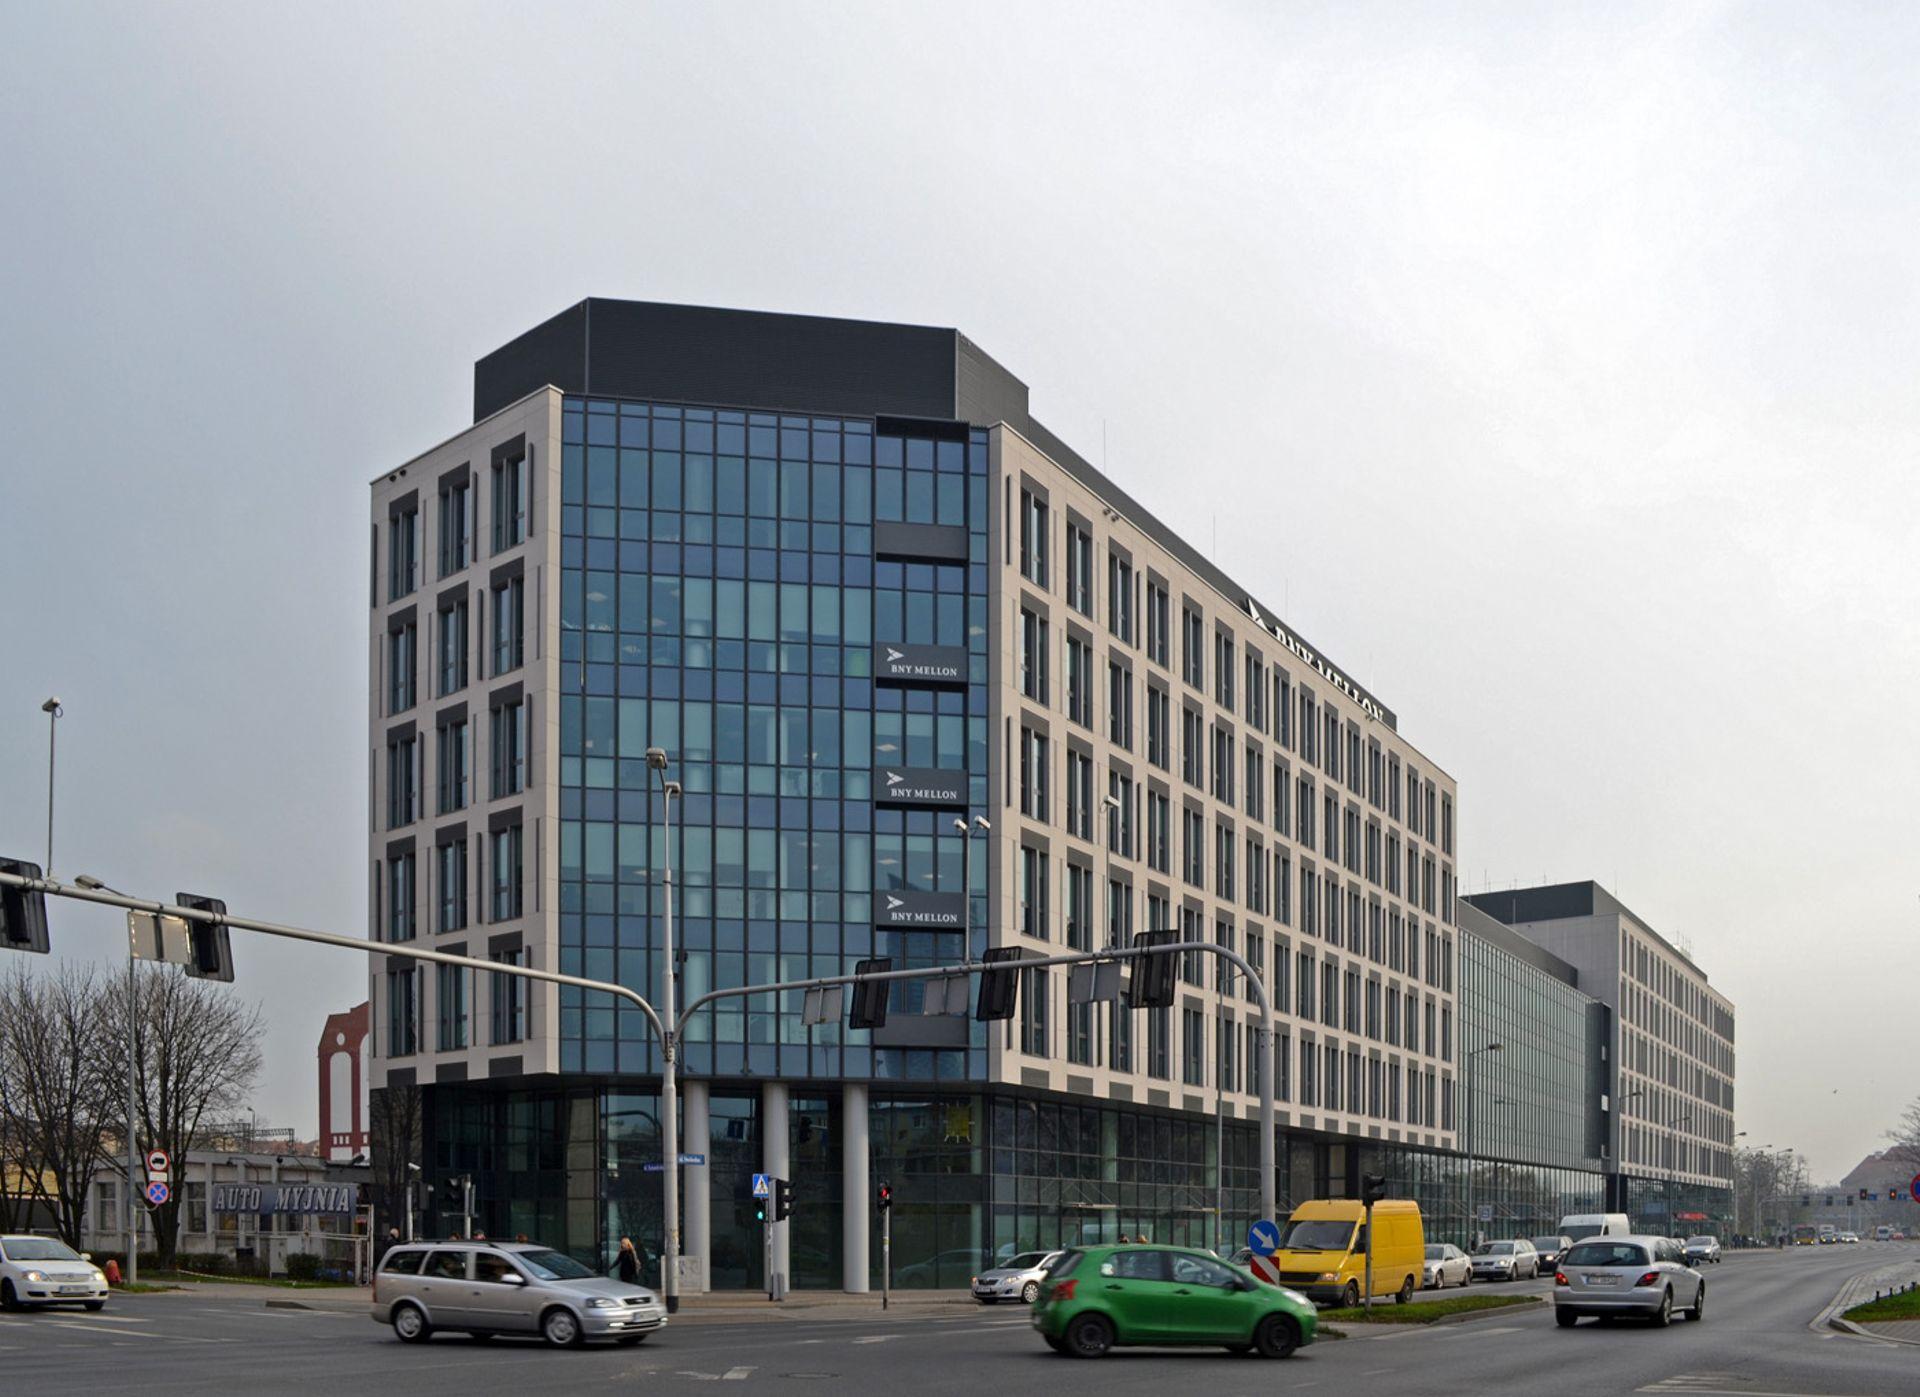 [Wrocław] OVH wynajmuje powierzchnię biurową w Aquarius Business House we Wrocławiu